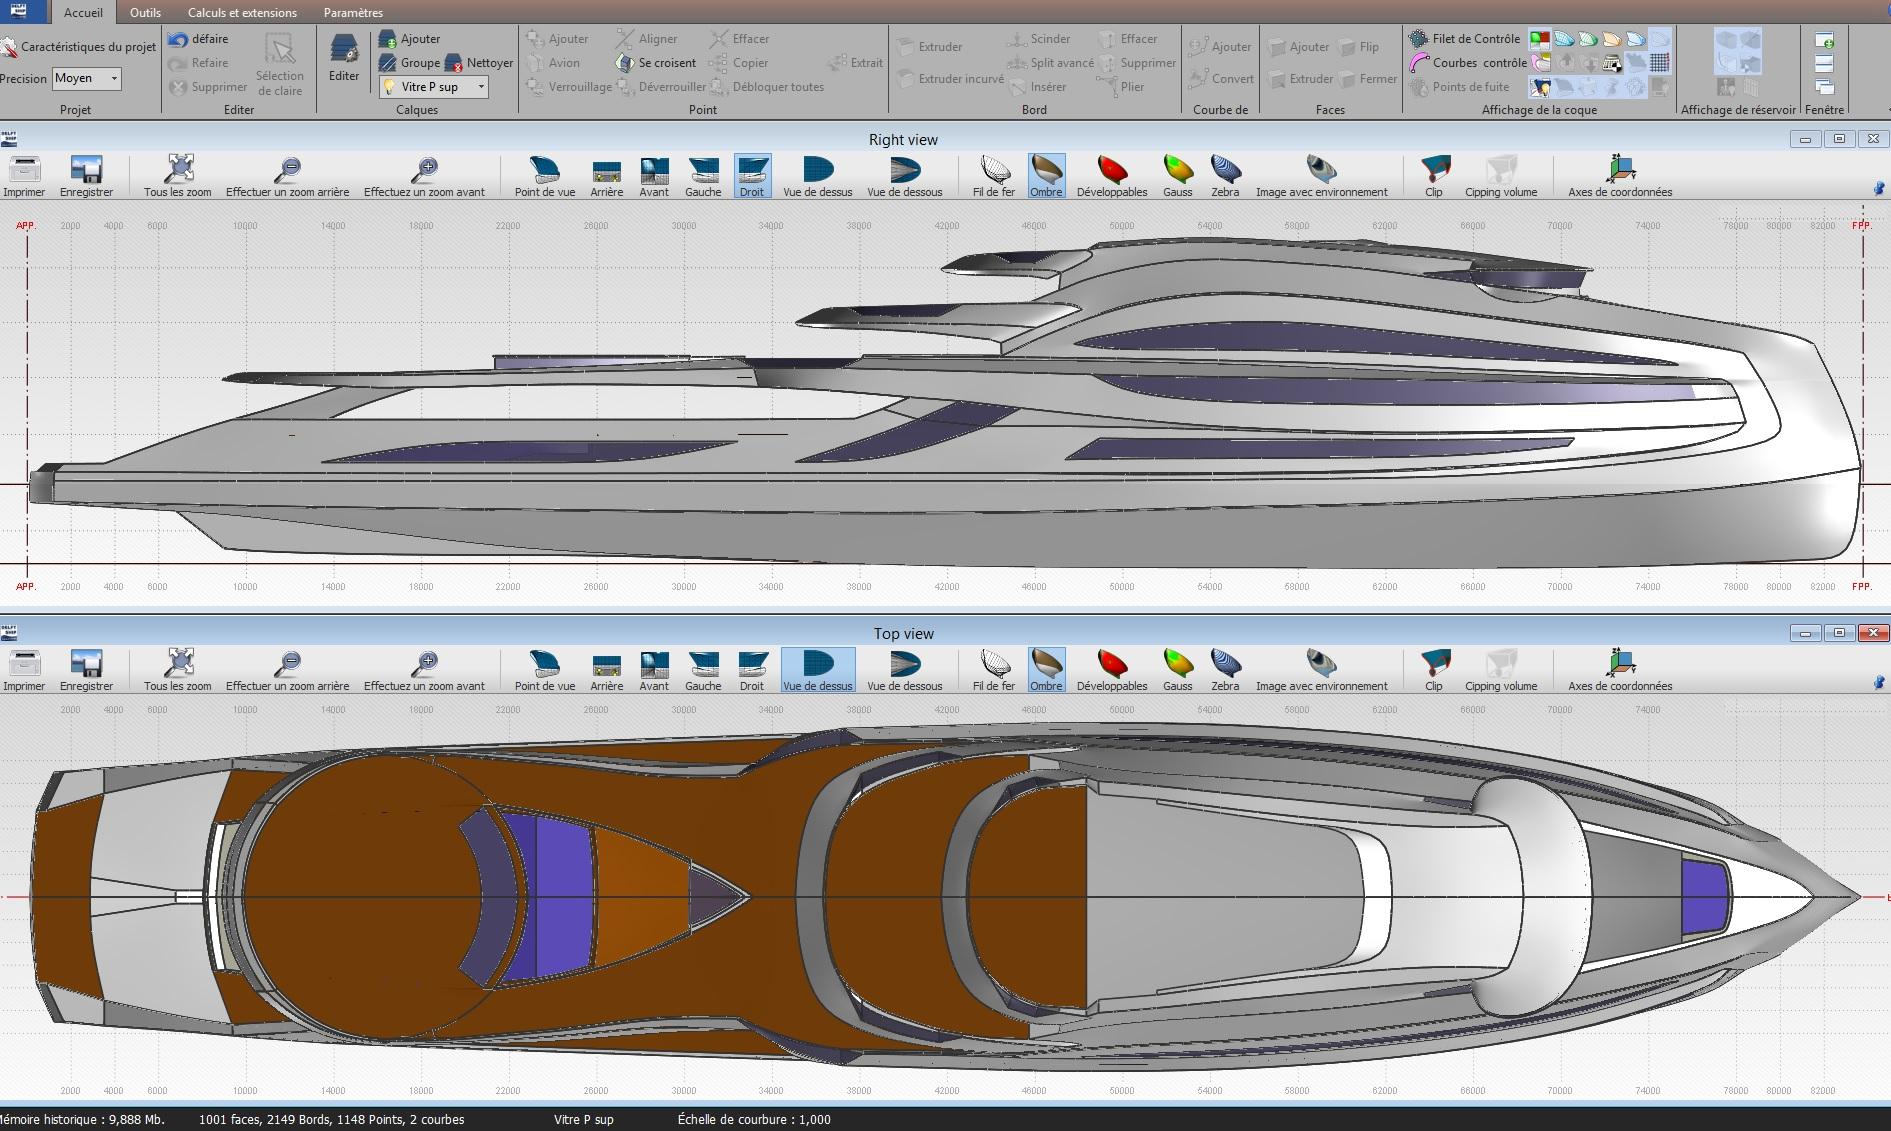 Xbow mega yacht - Page 3 1901050829385350416065838